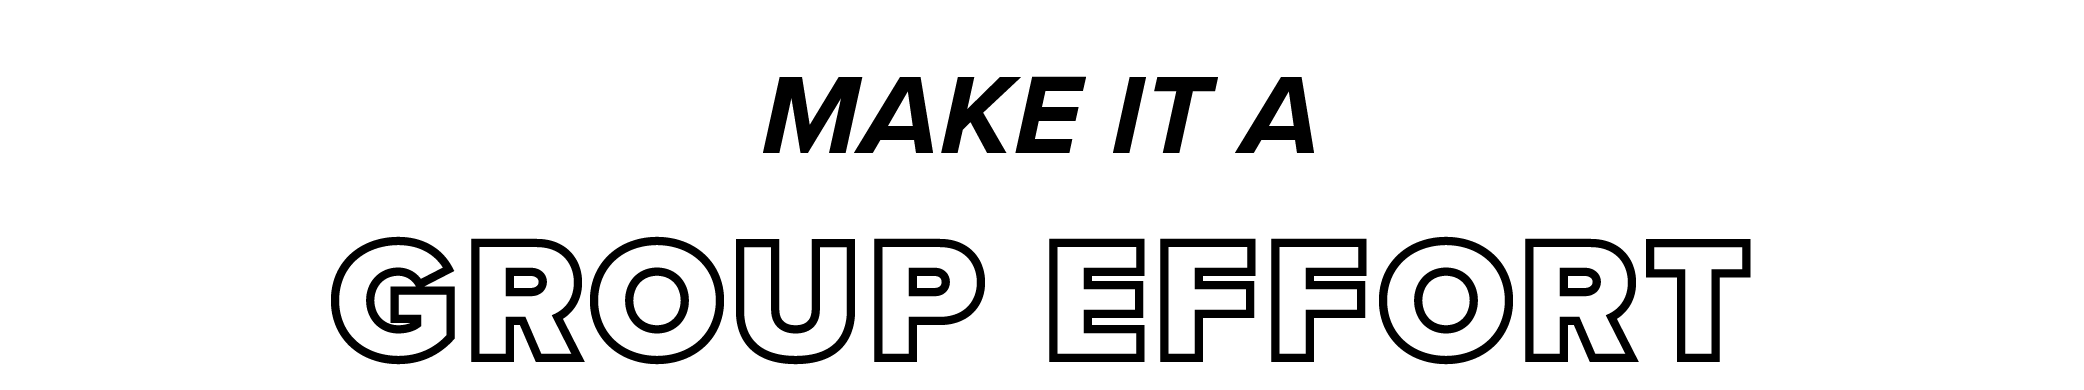 make it a group effort